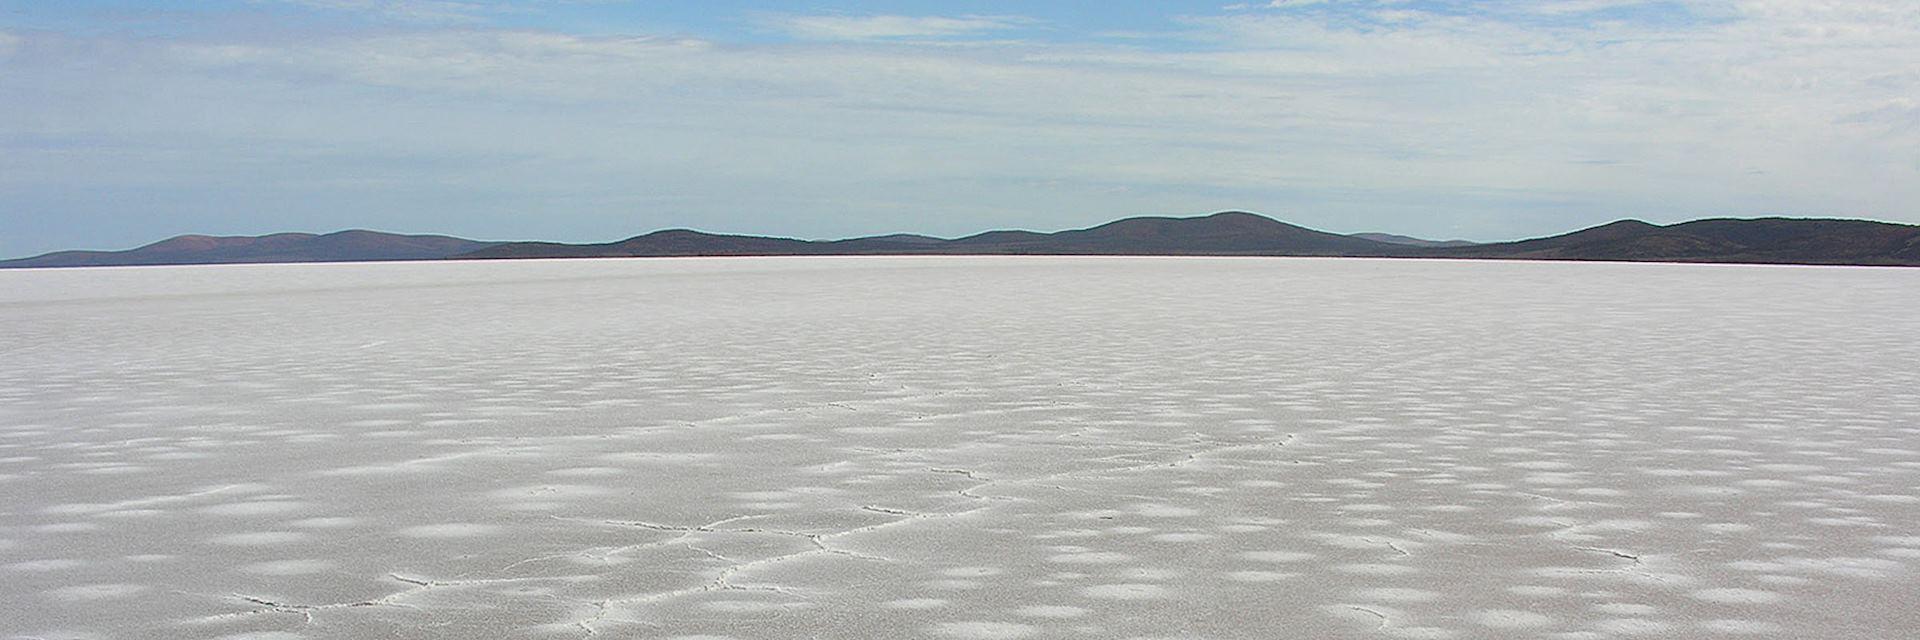 Lake Gairdner, Gawler Ranges National Park